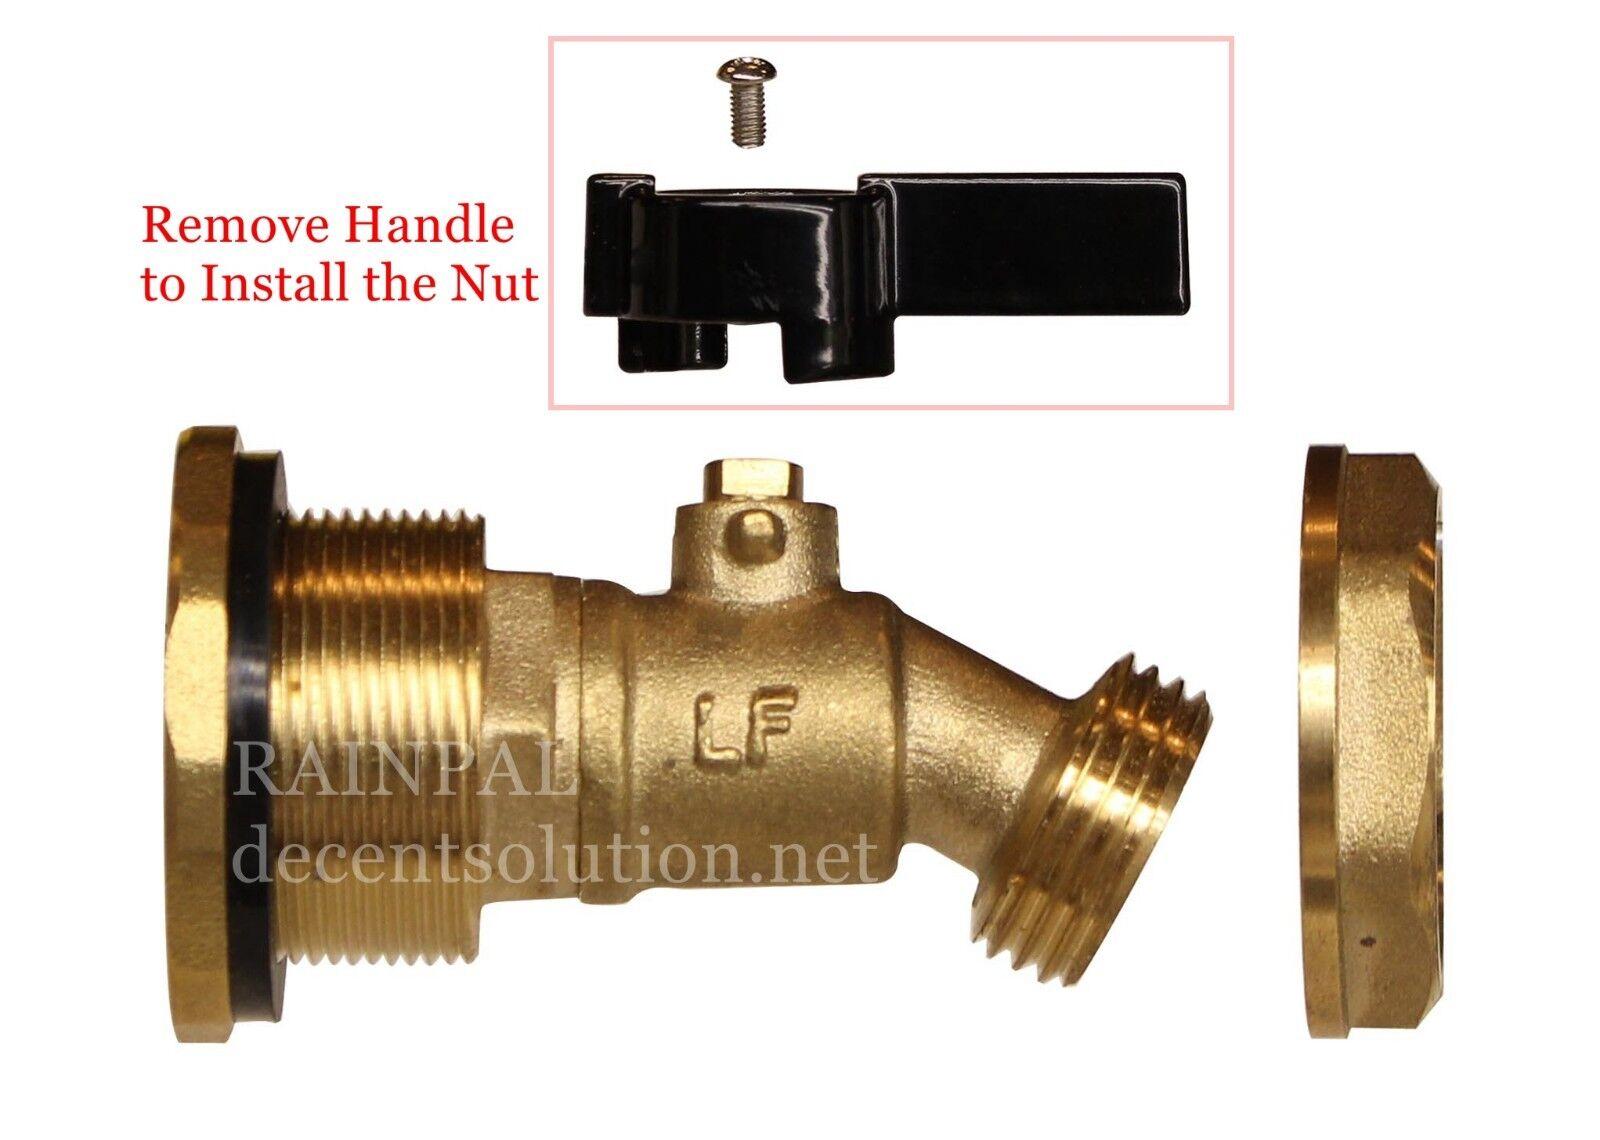 RAINPAL RBS050 Brass Rain Barrel Ball Valve DIY Spigot/Tap/Faucet/Spout(Unibody